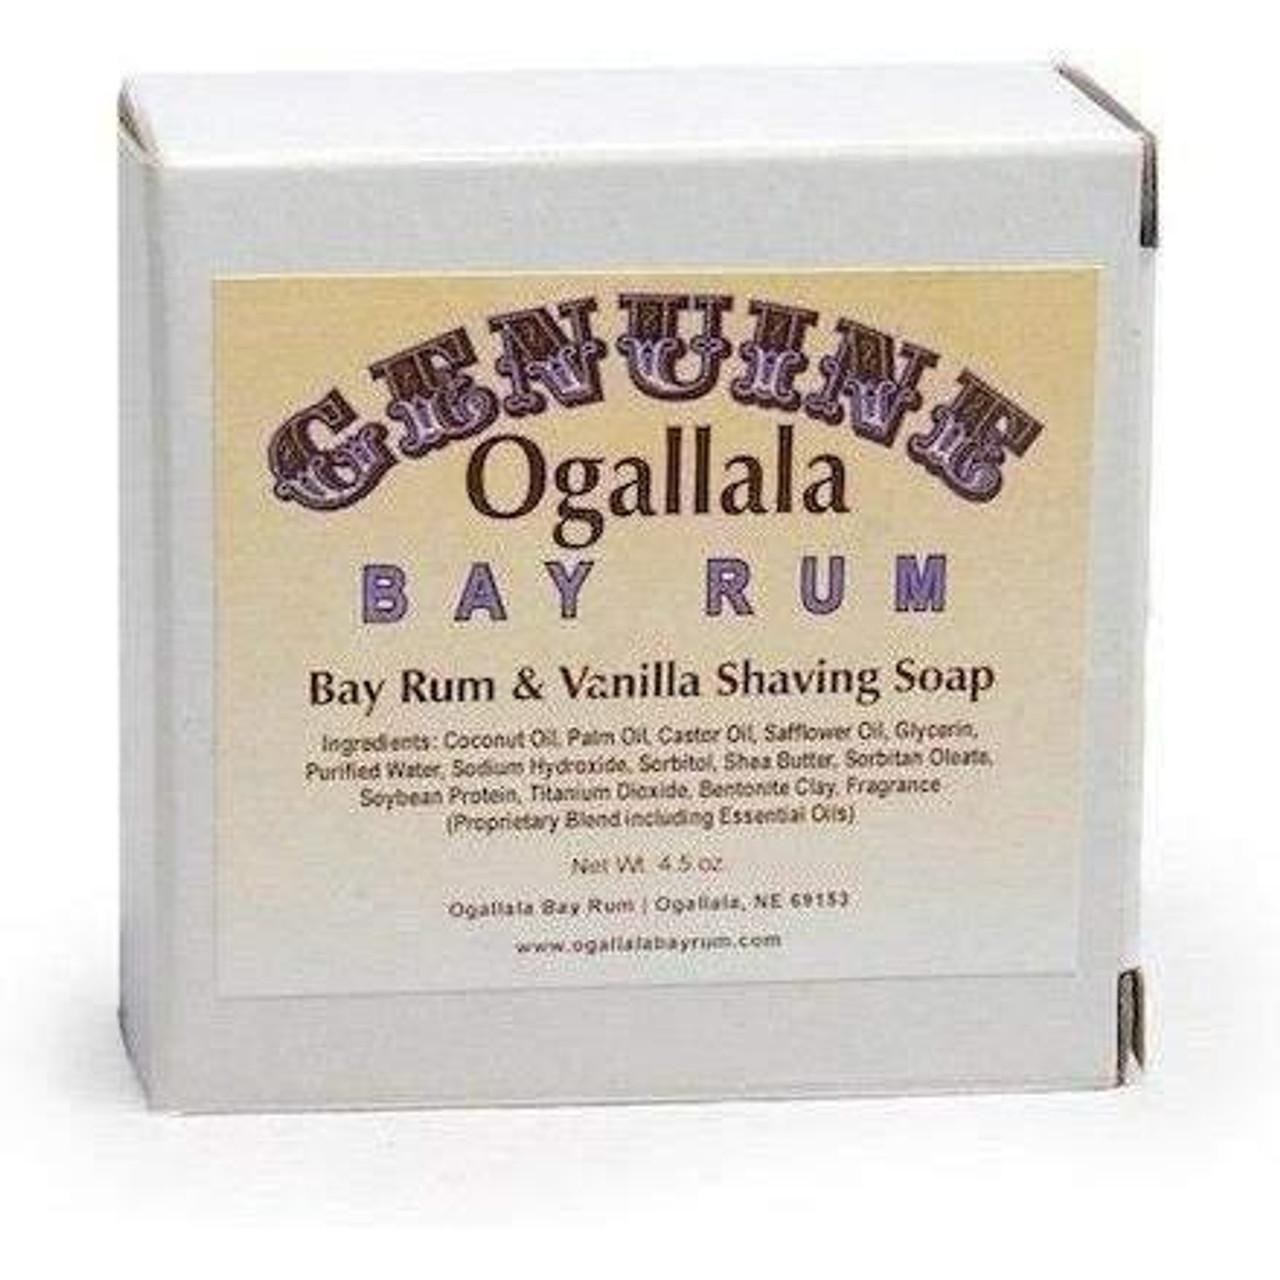 Ogallala Bay Rum & Vanilla Shave Soap, 4.5oz